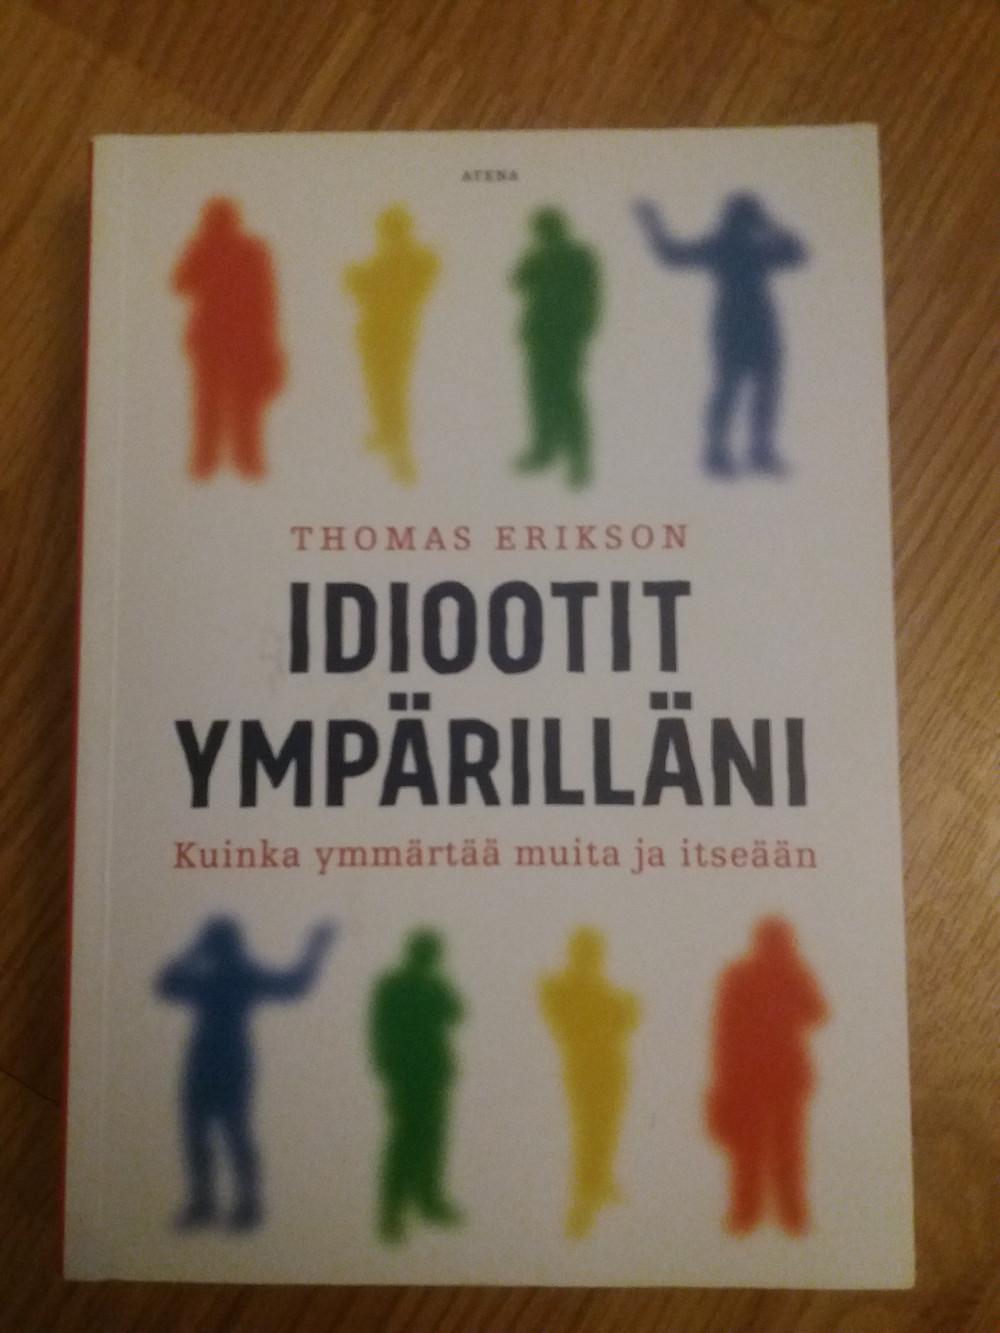 Thomas Erikson: Idiootit ympärilläni – Kuinka ymmärtää muita ja itseään